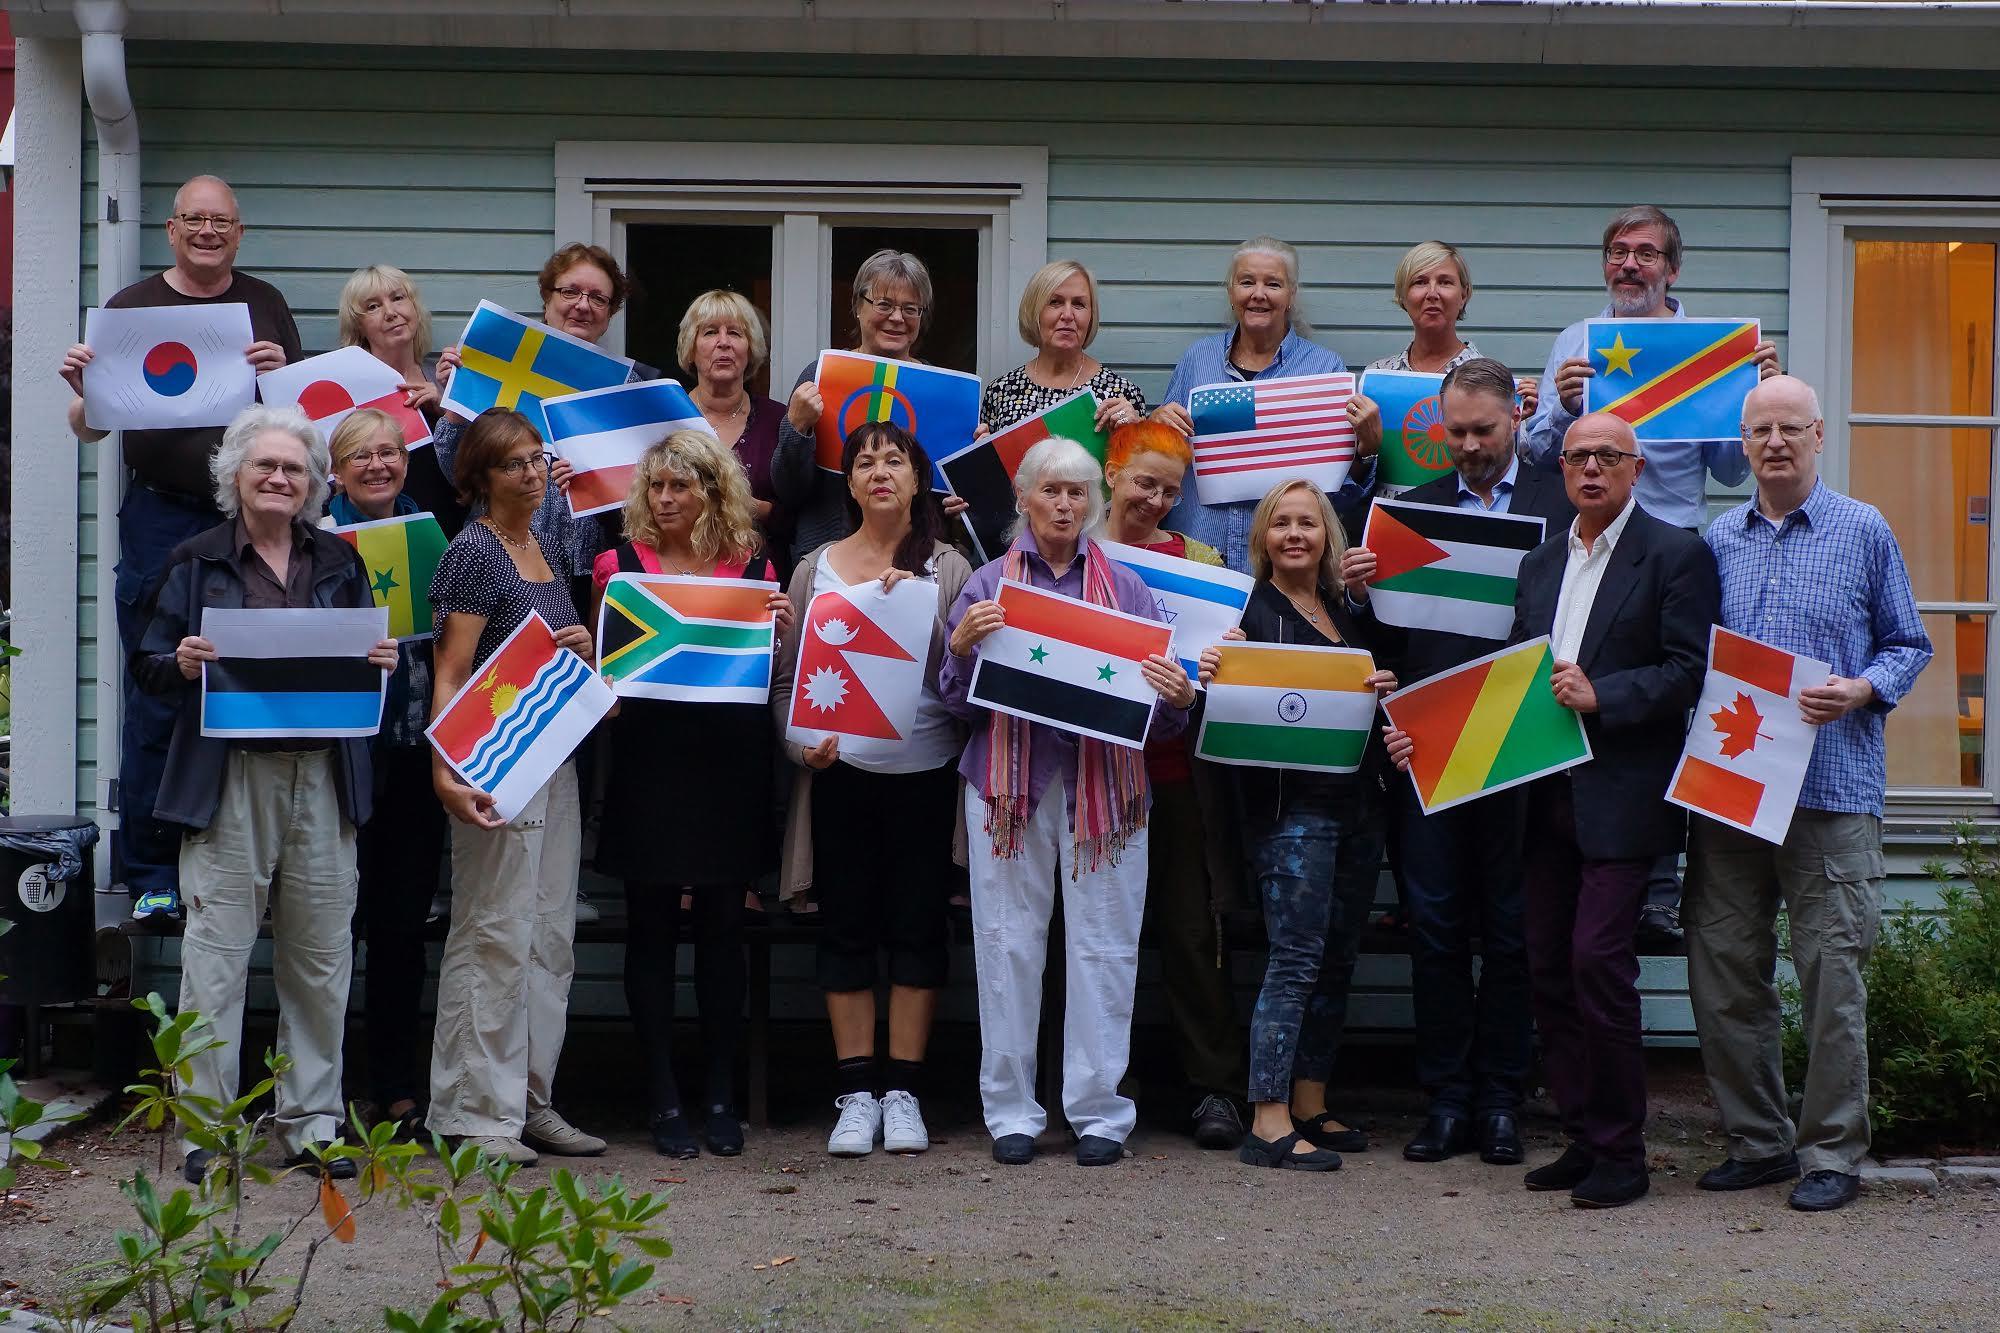 Näktergalningarna inför FN-dagen den 23 oktober 2016.Foto: Bo Zachrisson